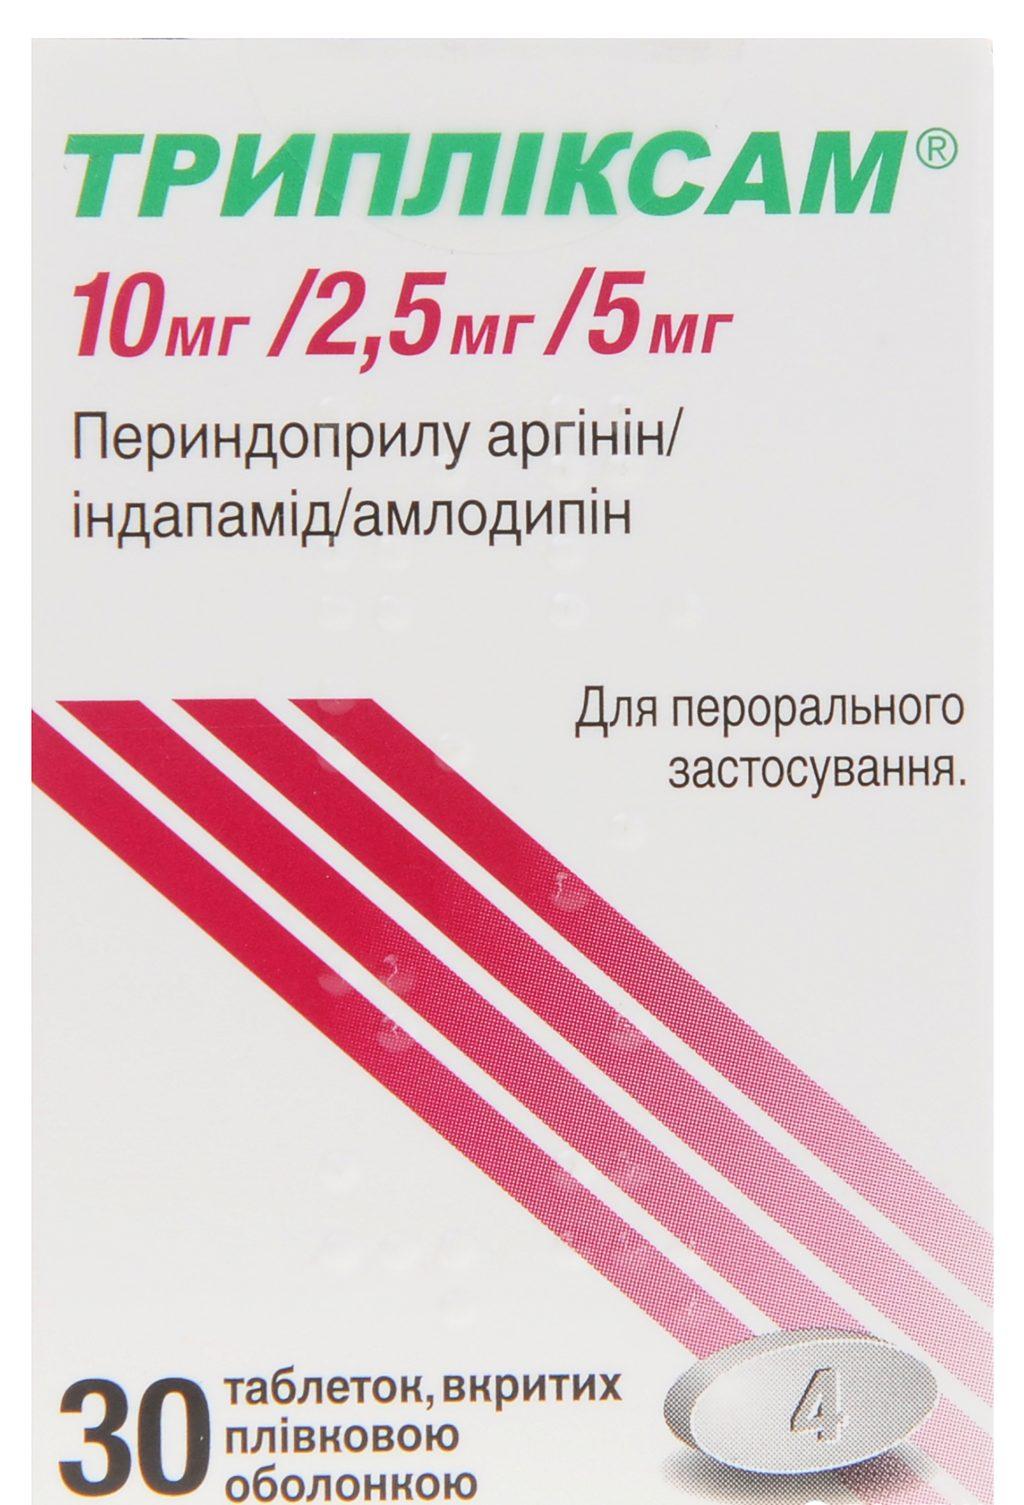 DALNECOMBI 2 mg/5 mg/0, mg tabletta